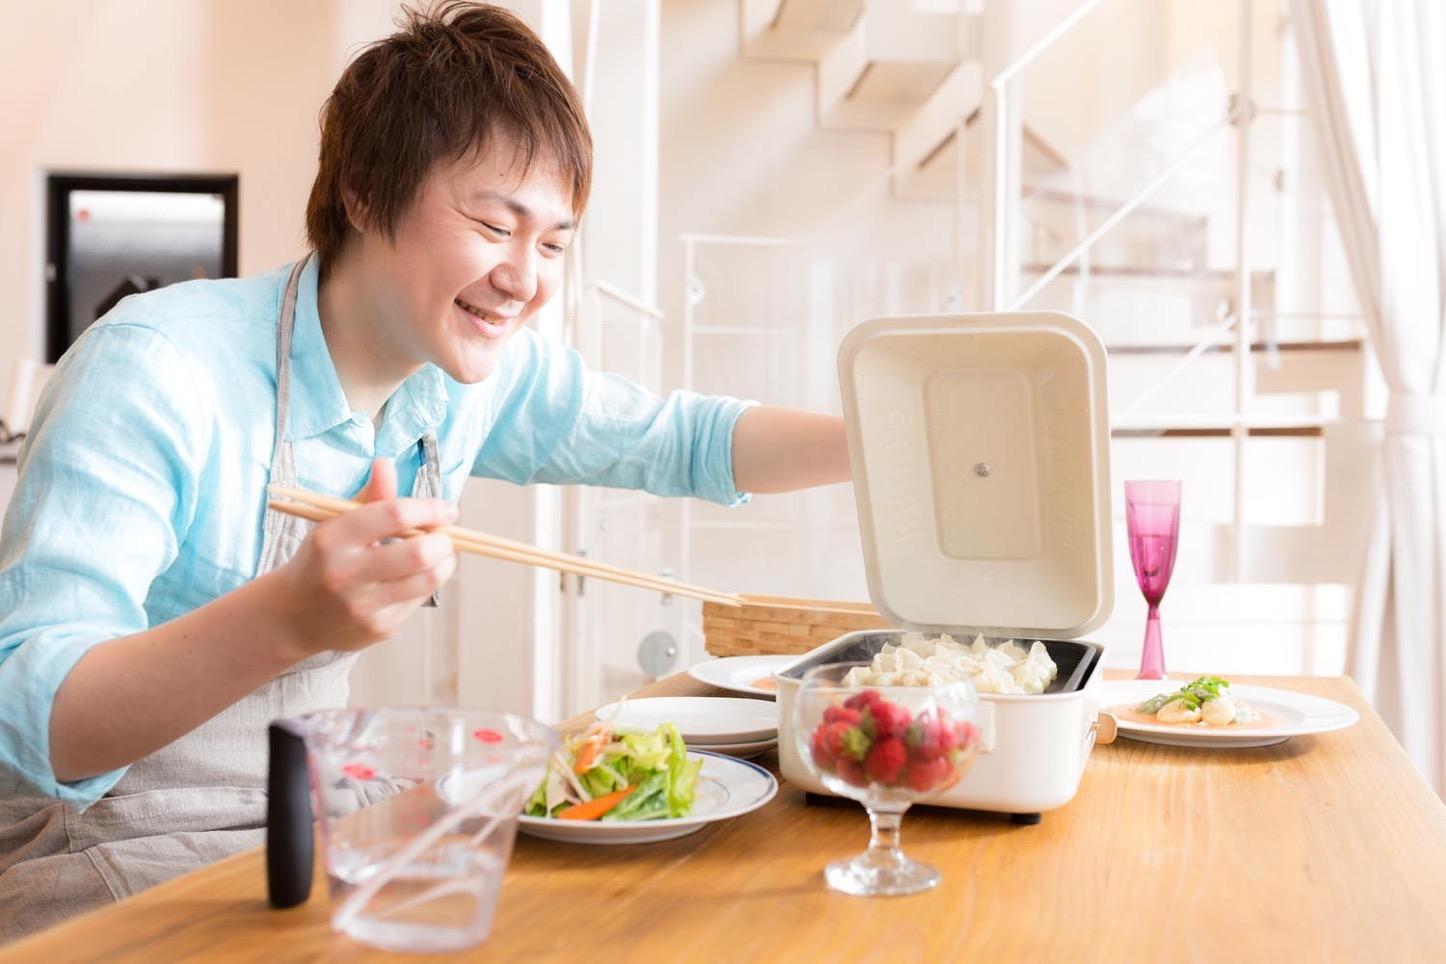 Igarashi-Couple-Cooking-Free-Photos-24.jpg